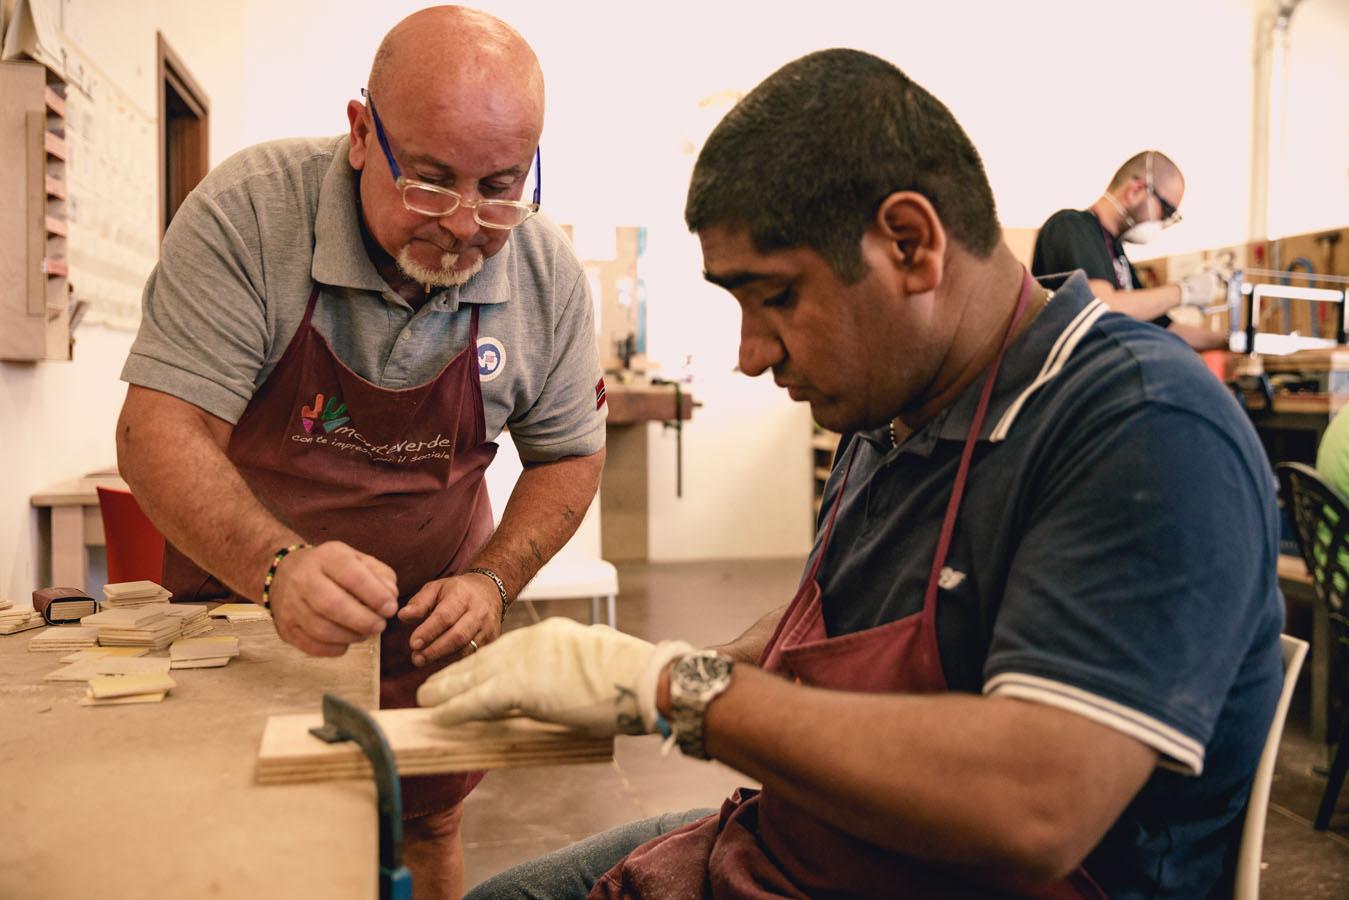 Un operatore insegna ad un ragazzo a svolgere un lavoro di falegnameria